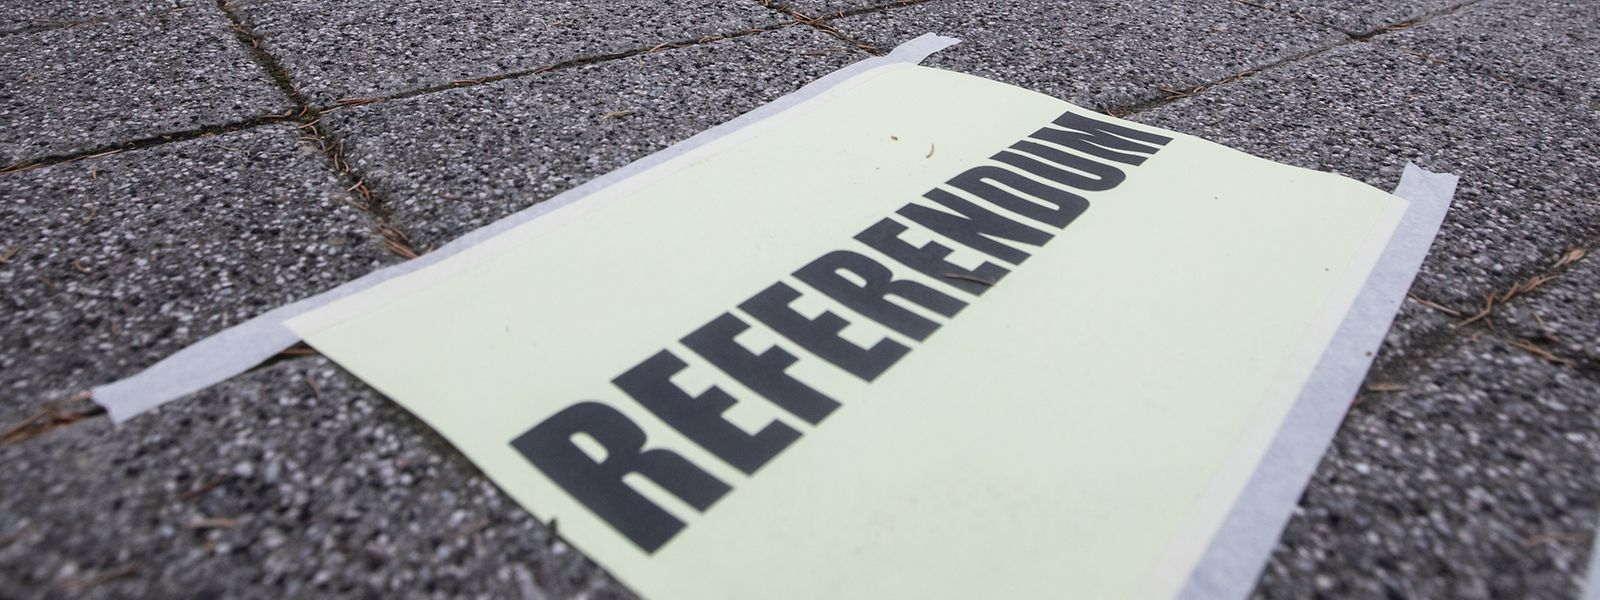 Immer mehr Befürworter für ein Verfassungsreferendum melden sich zu Wort.